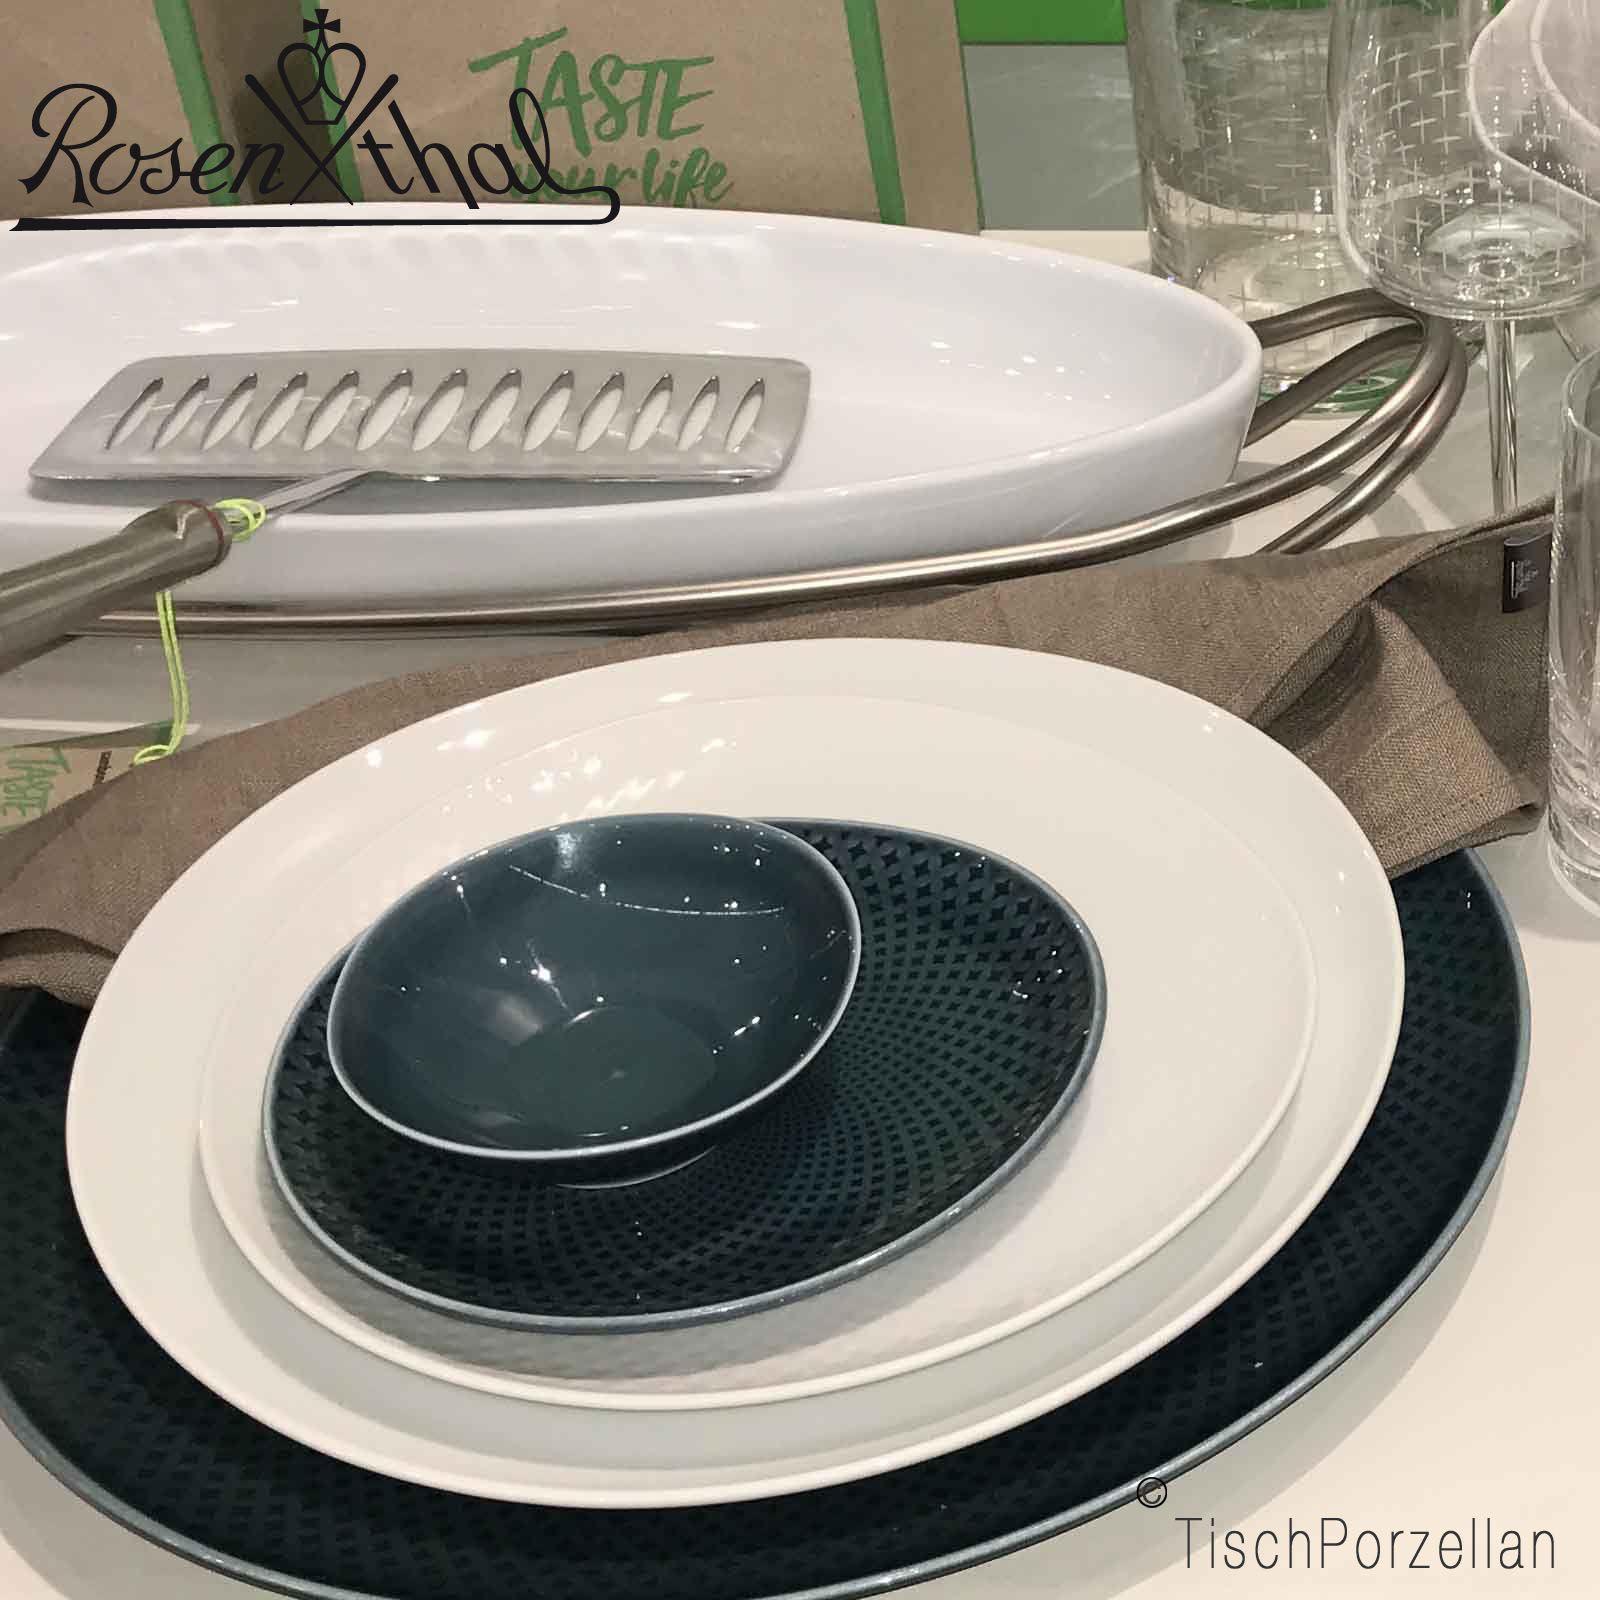 rosenthal junto speiseteller neuheit 2017 rosenthal serie junto. Black Bedroom Furniture Sets. Home Design Ideas